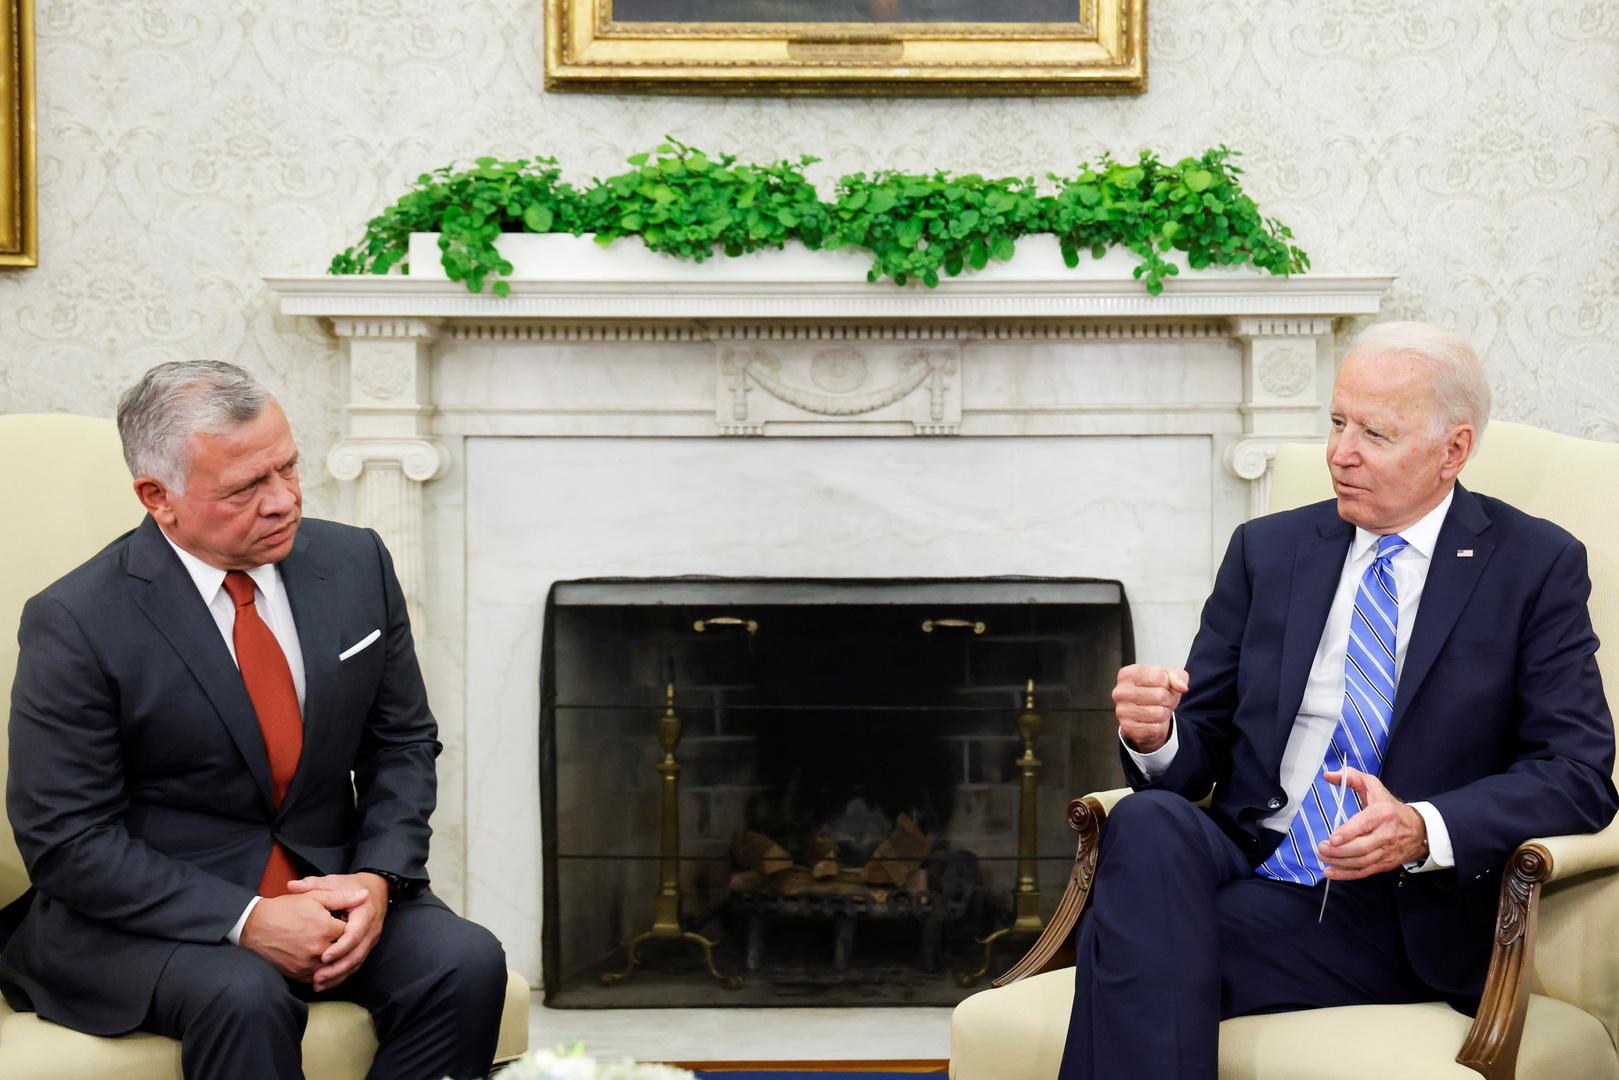 الكشف عن أسباب غياب قضية الفتنة خلال زيارة الملك لواشنطن